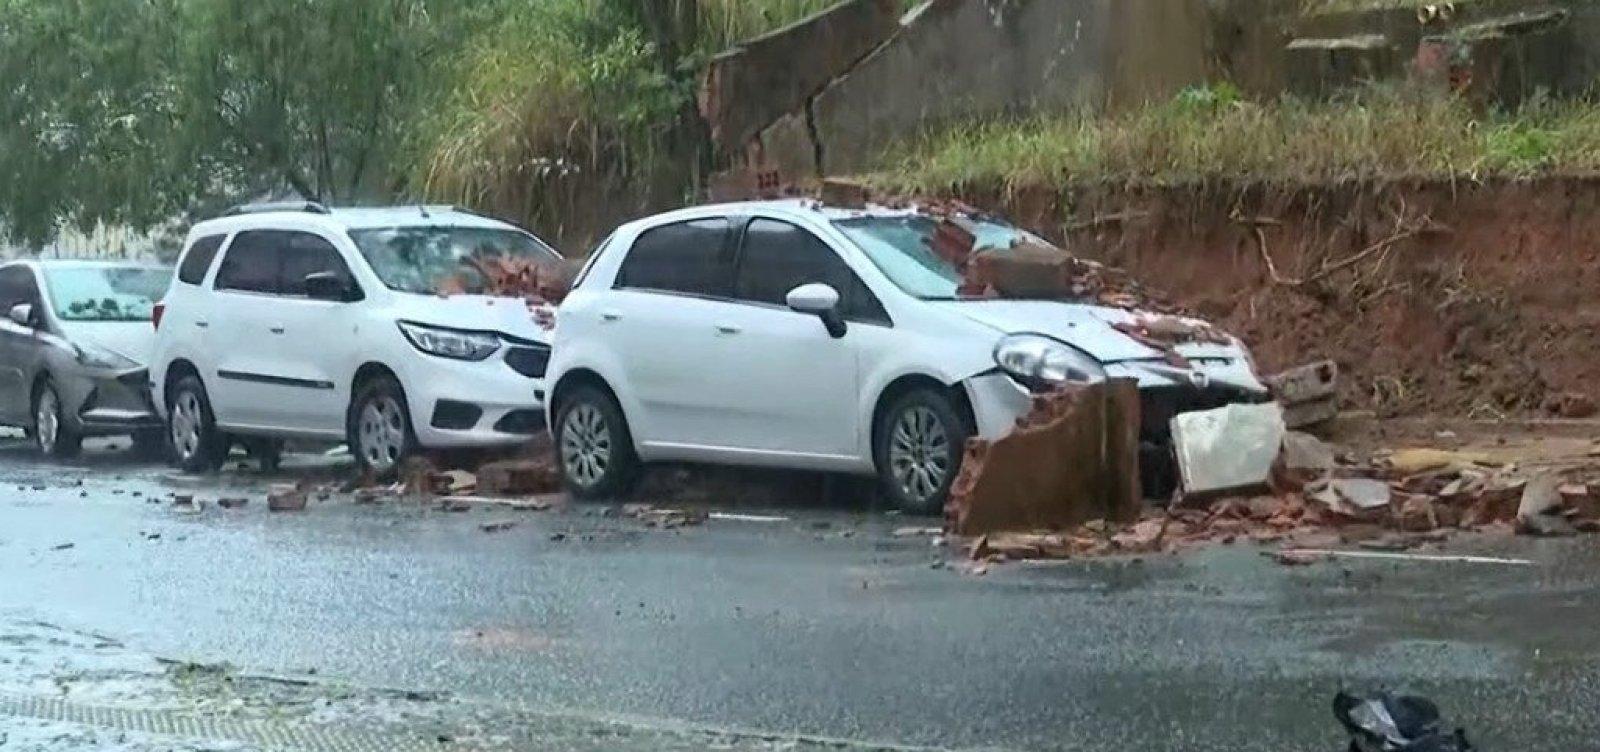 Chuva derruba muro sobre carros no Rio Vermelho